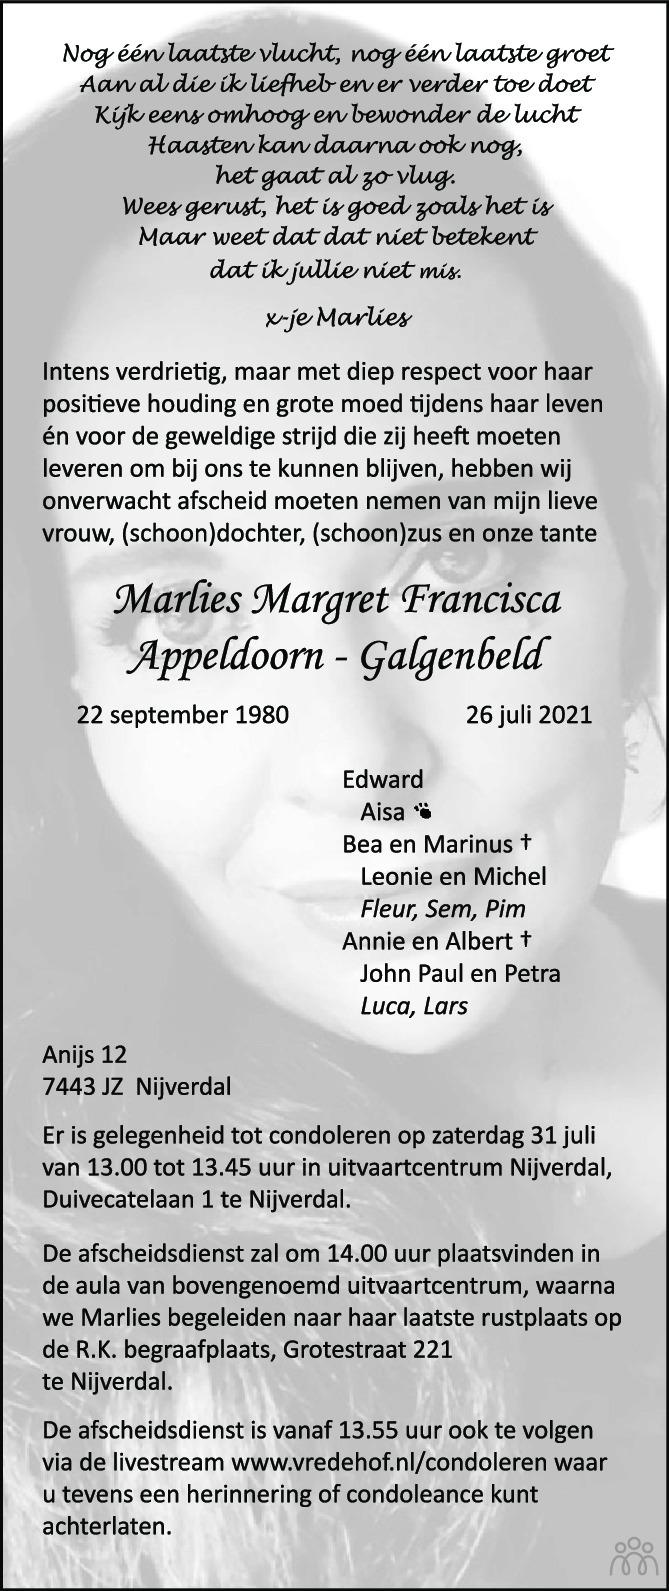 Overlijdensbericht van Marlies Margret Francisca Appeldoorn-Galgenbeld in Tubantia